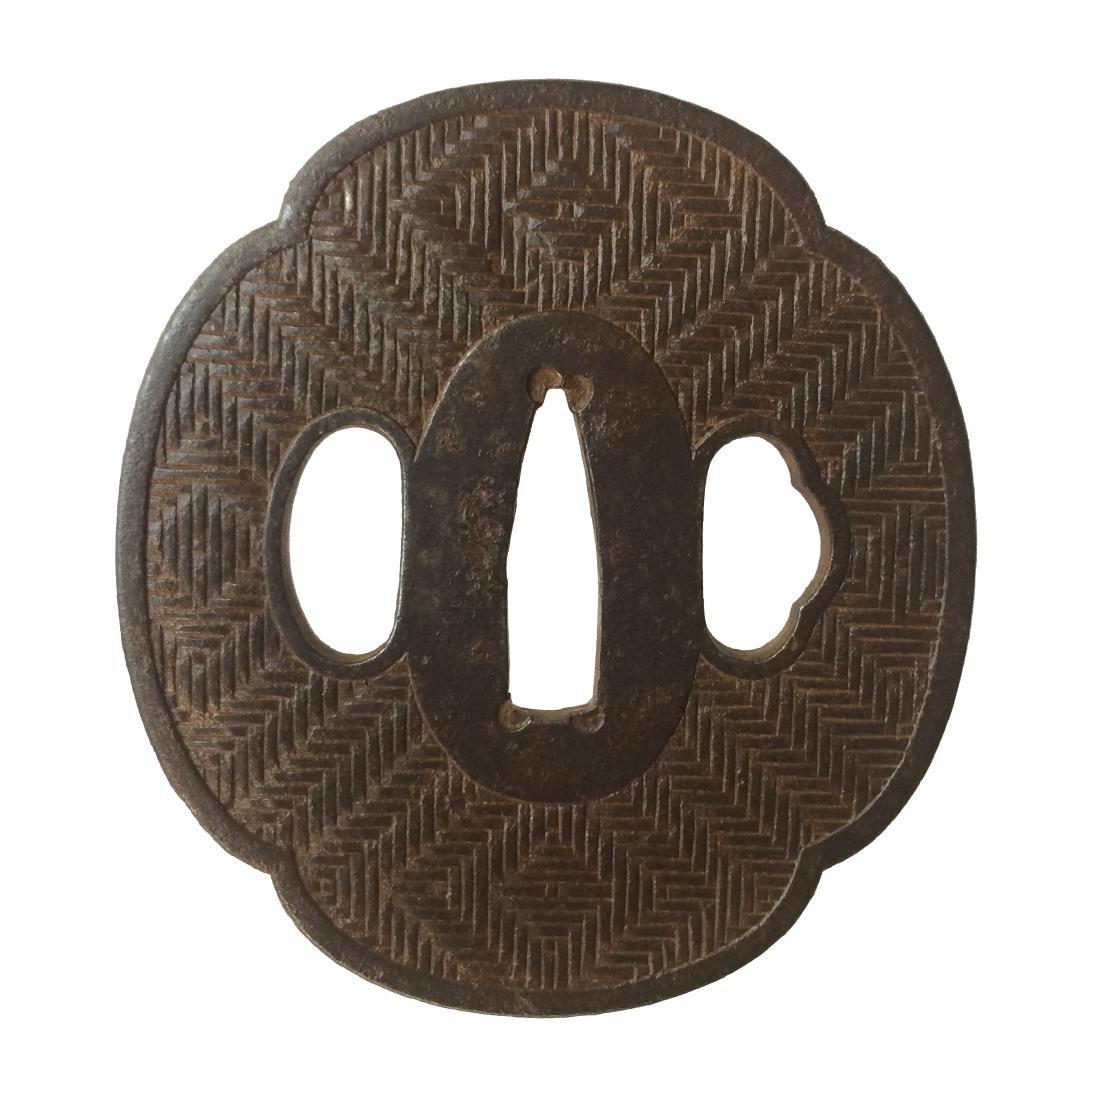 Iron tsuba with woven basket pattern